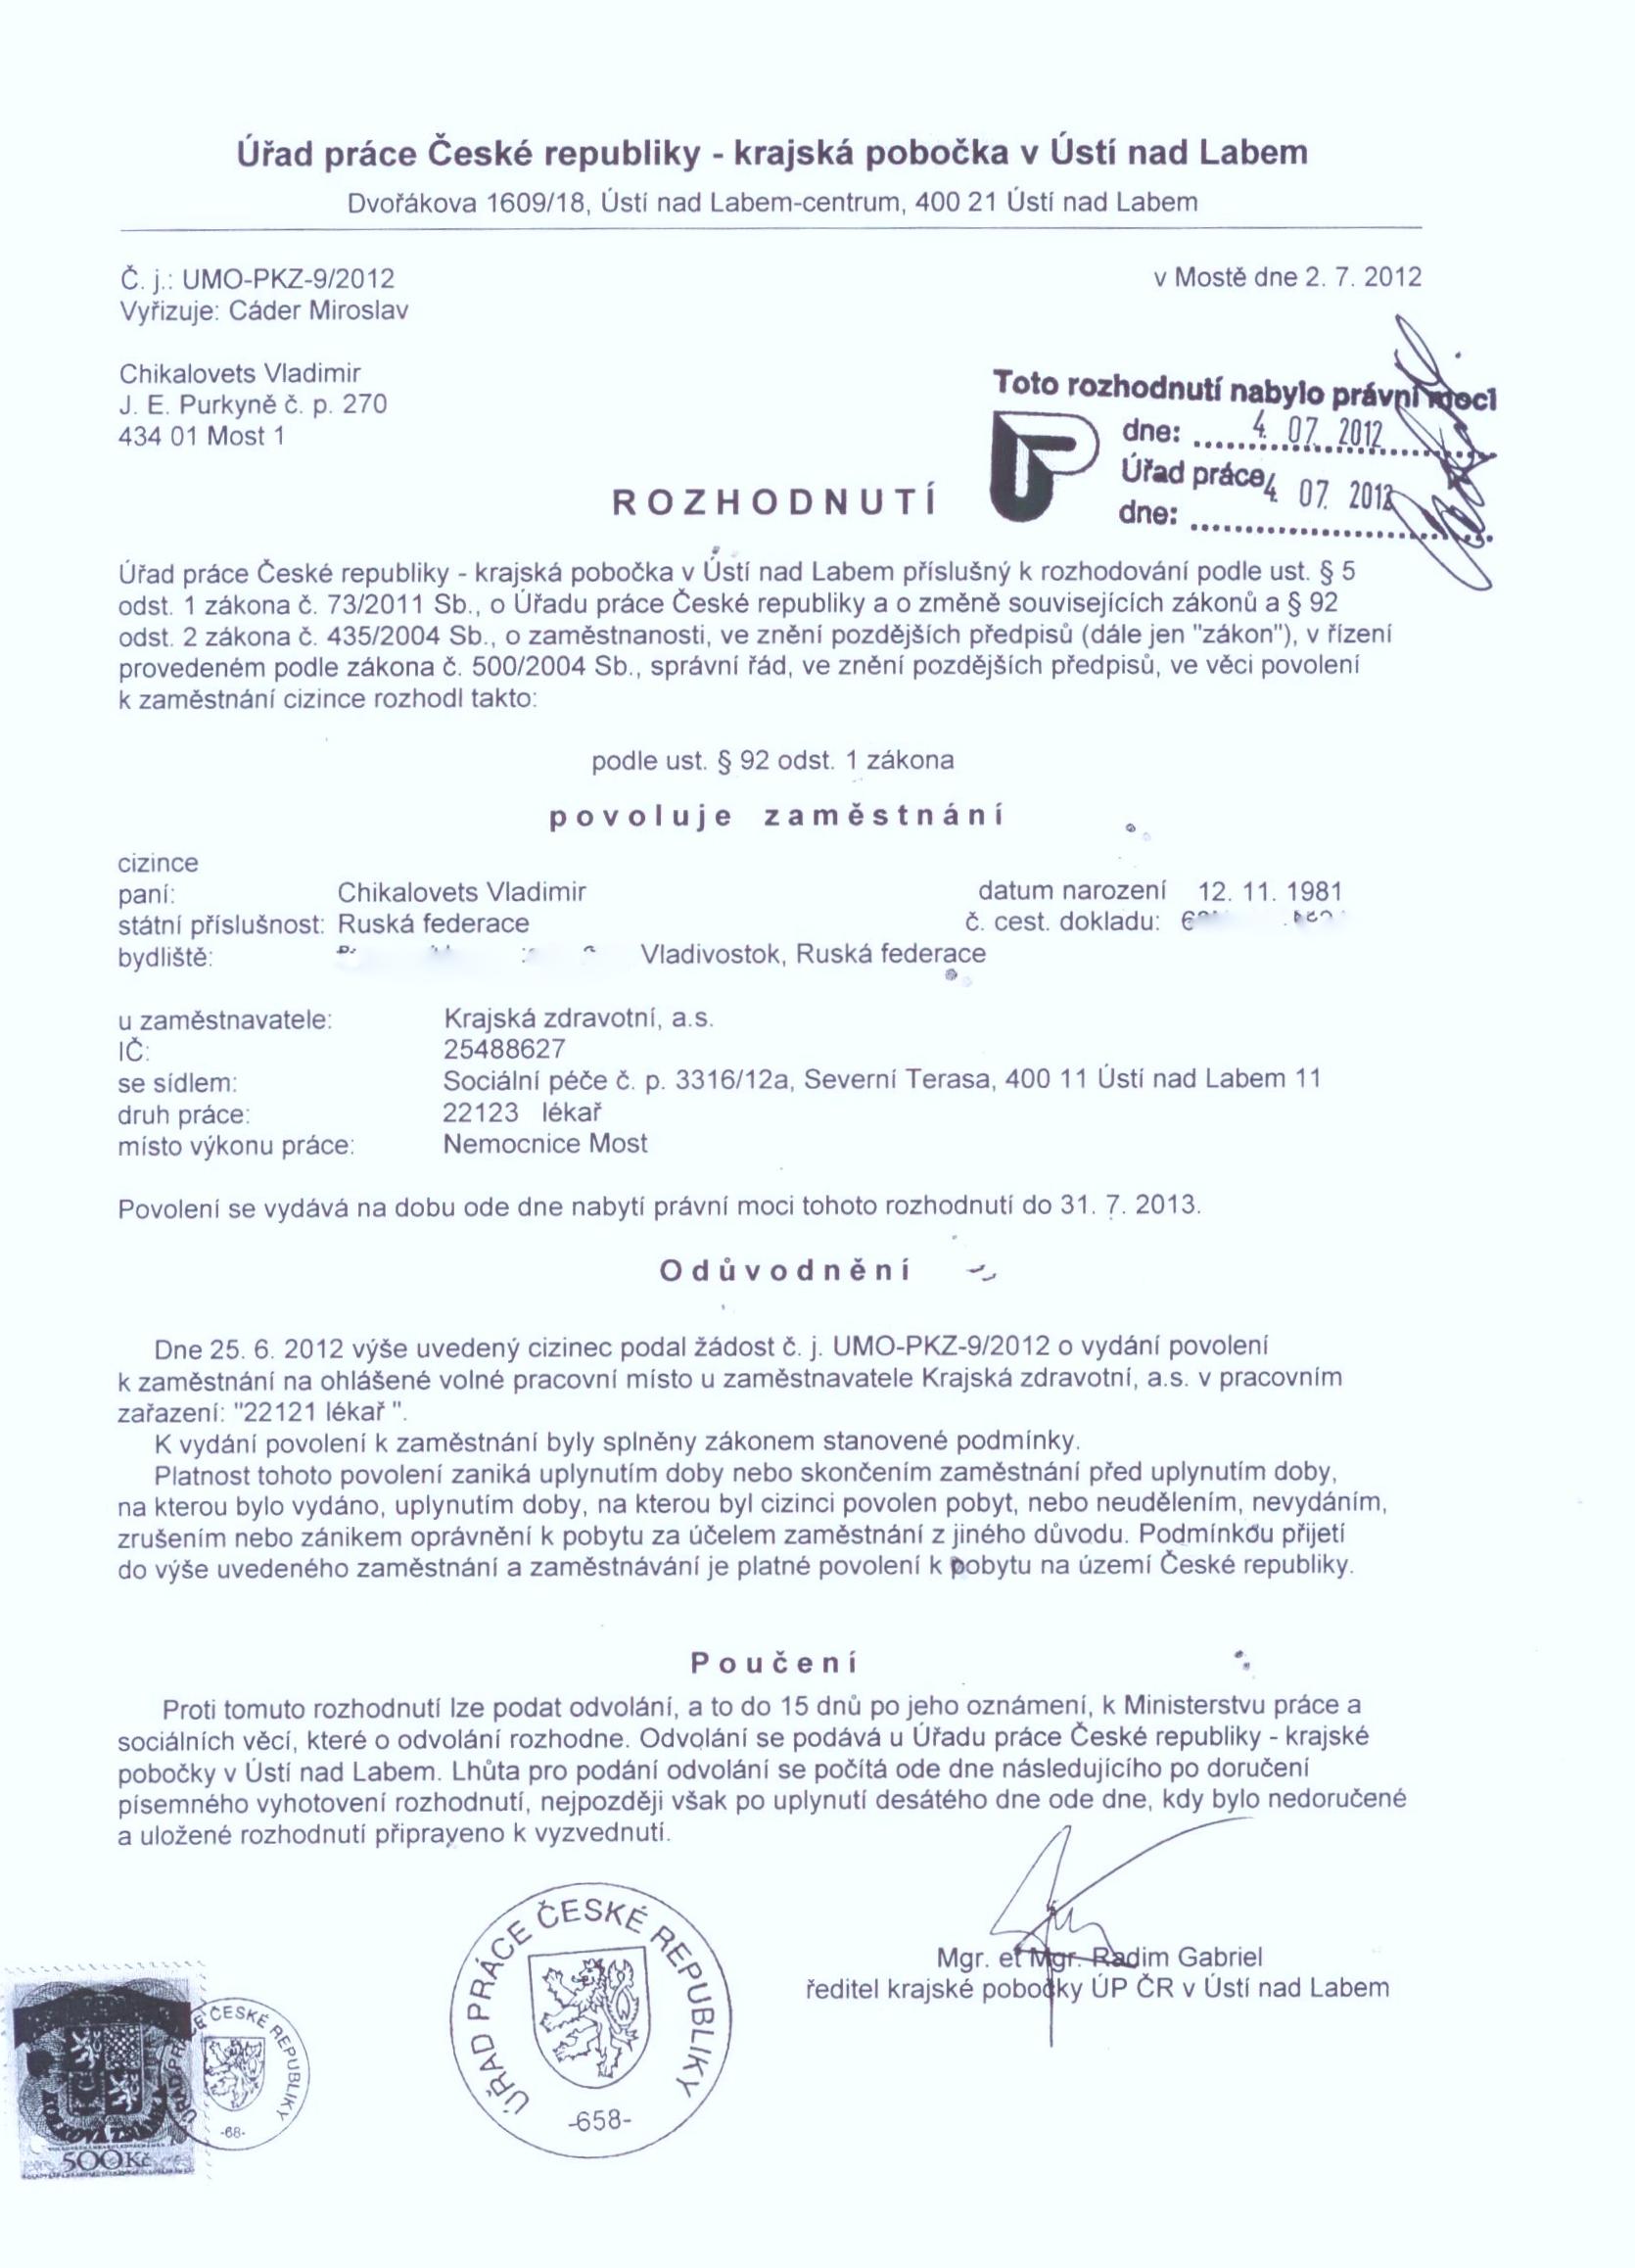 Первые шаги в Чехии молодого врача из России Медстуденты cz Пару